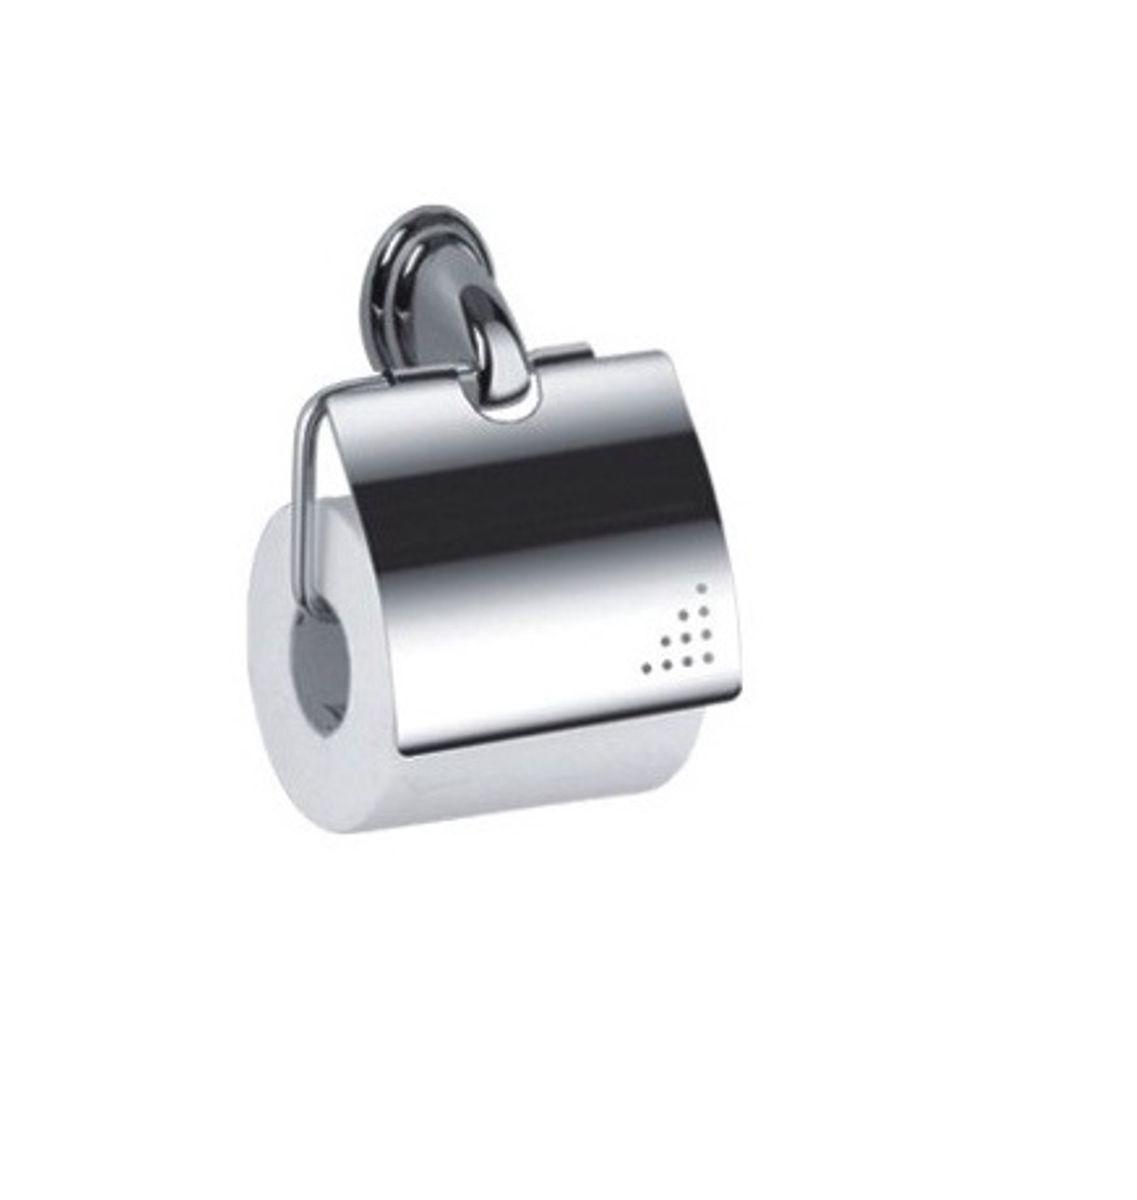 Держатель для туалетной бумаги Vanstore Овал, с крышкой, 12 х 11 х 5 см4581Держатель для туалетной бумаги Vanstore Овал, выполненный из высококачественной стали, оснащен металлической крышкой. Изделие крепится на стену с помощью шурупов (входят в комплект). Держатель поможет оформить интерьер в выбранном стиле, разбавляя пространство туалетной комнаты различными элементами. Он хорошо впишется в любой интерьер, придавая ему черты современности. Размер держателя: 12 х 11 х 5 см.